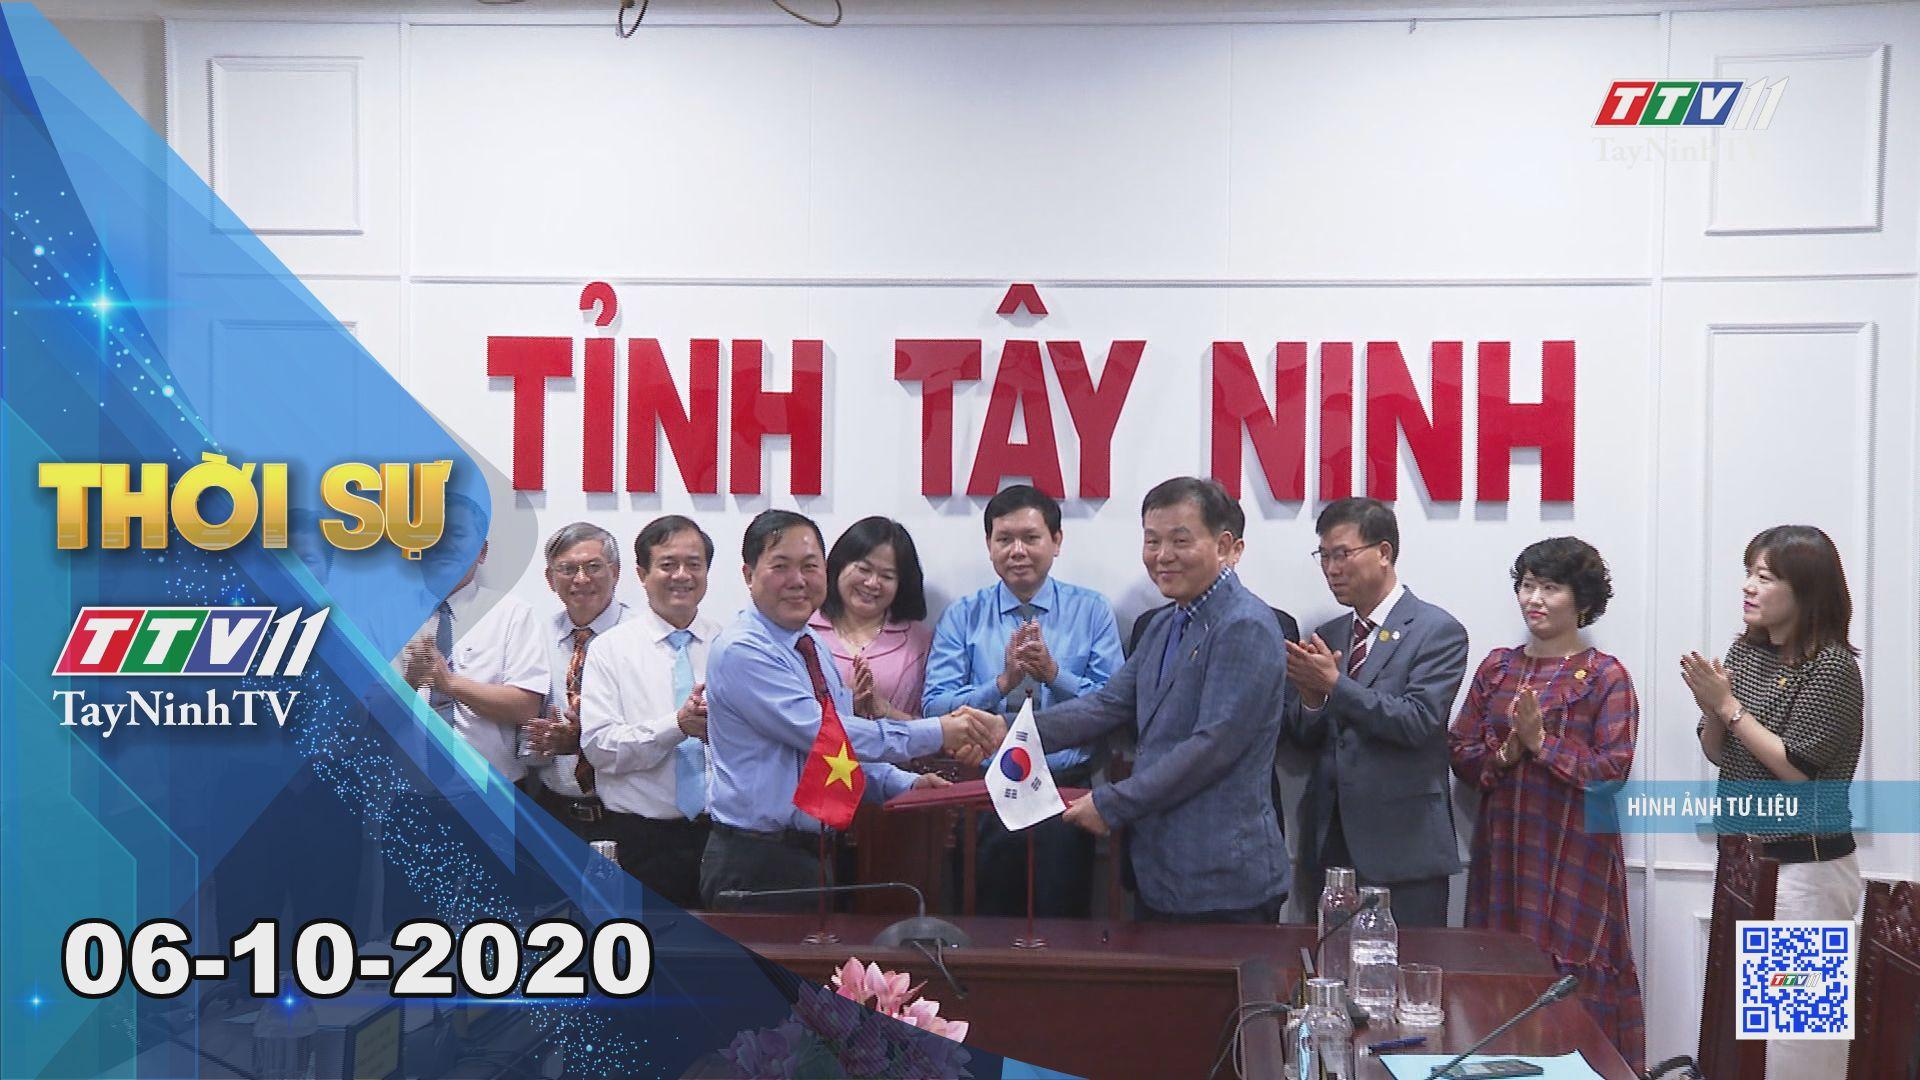 Thời sự Tây Ninh 06-10-2020 | Tin tức hôm nay | TayNinhTV